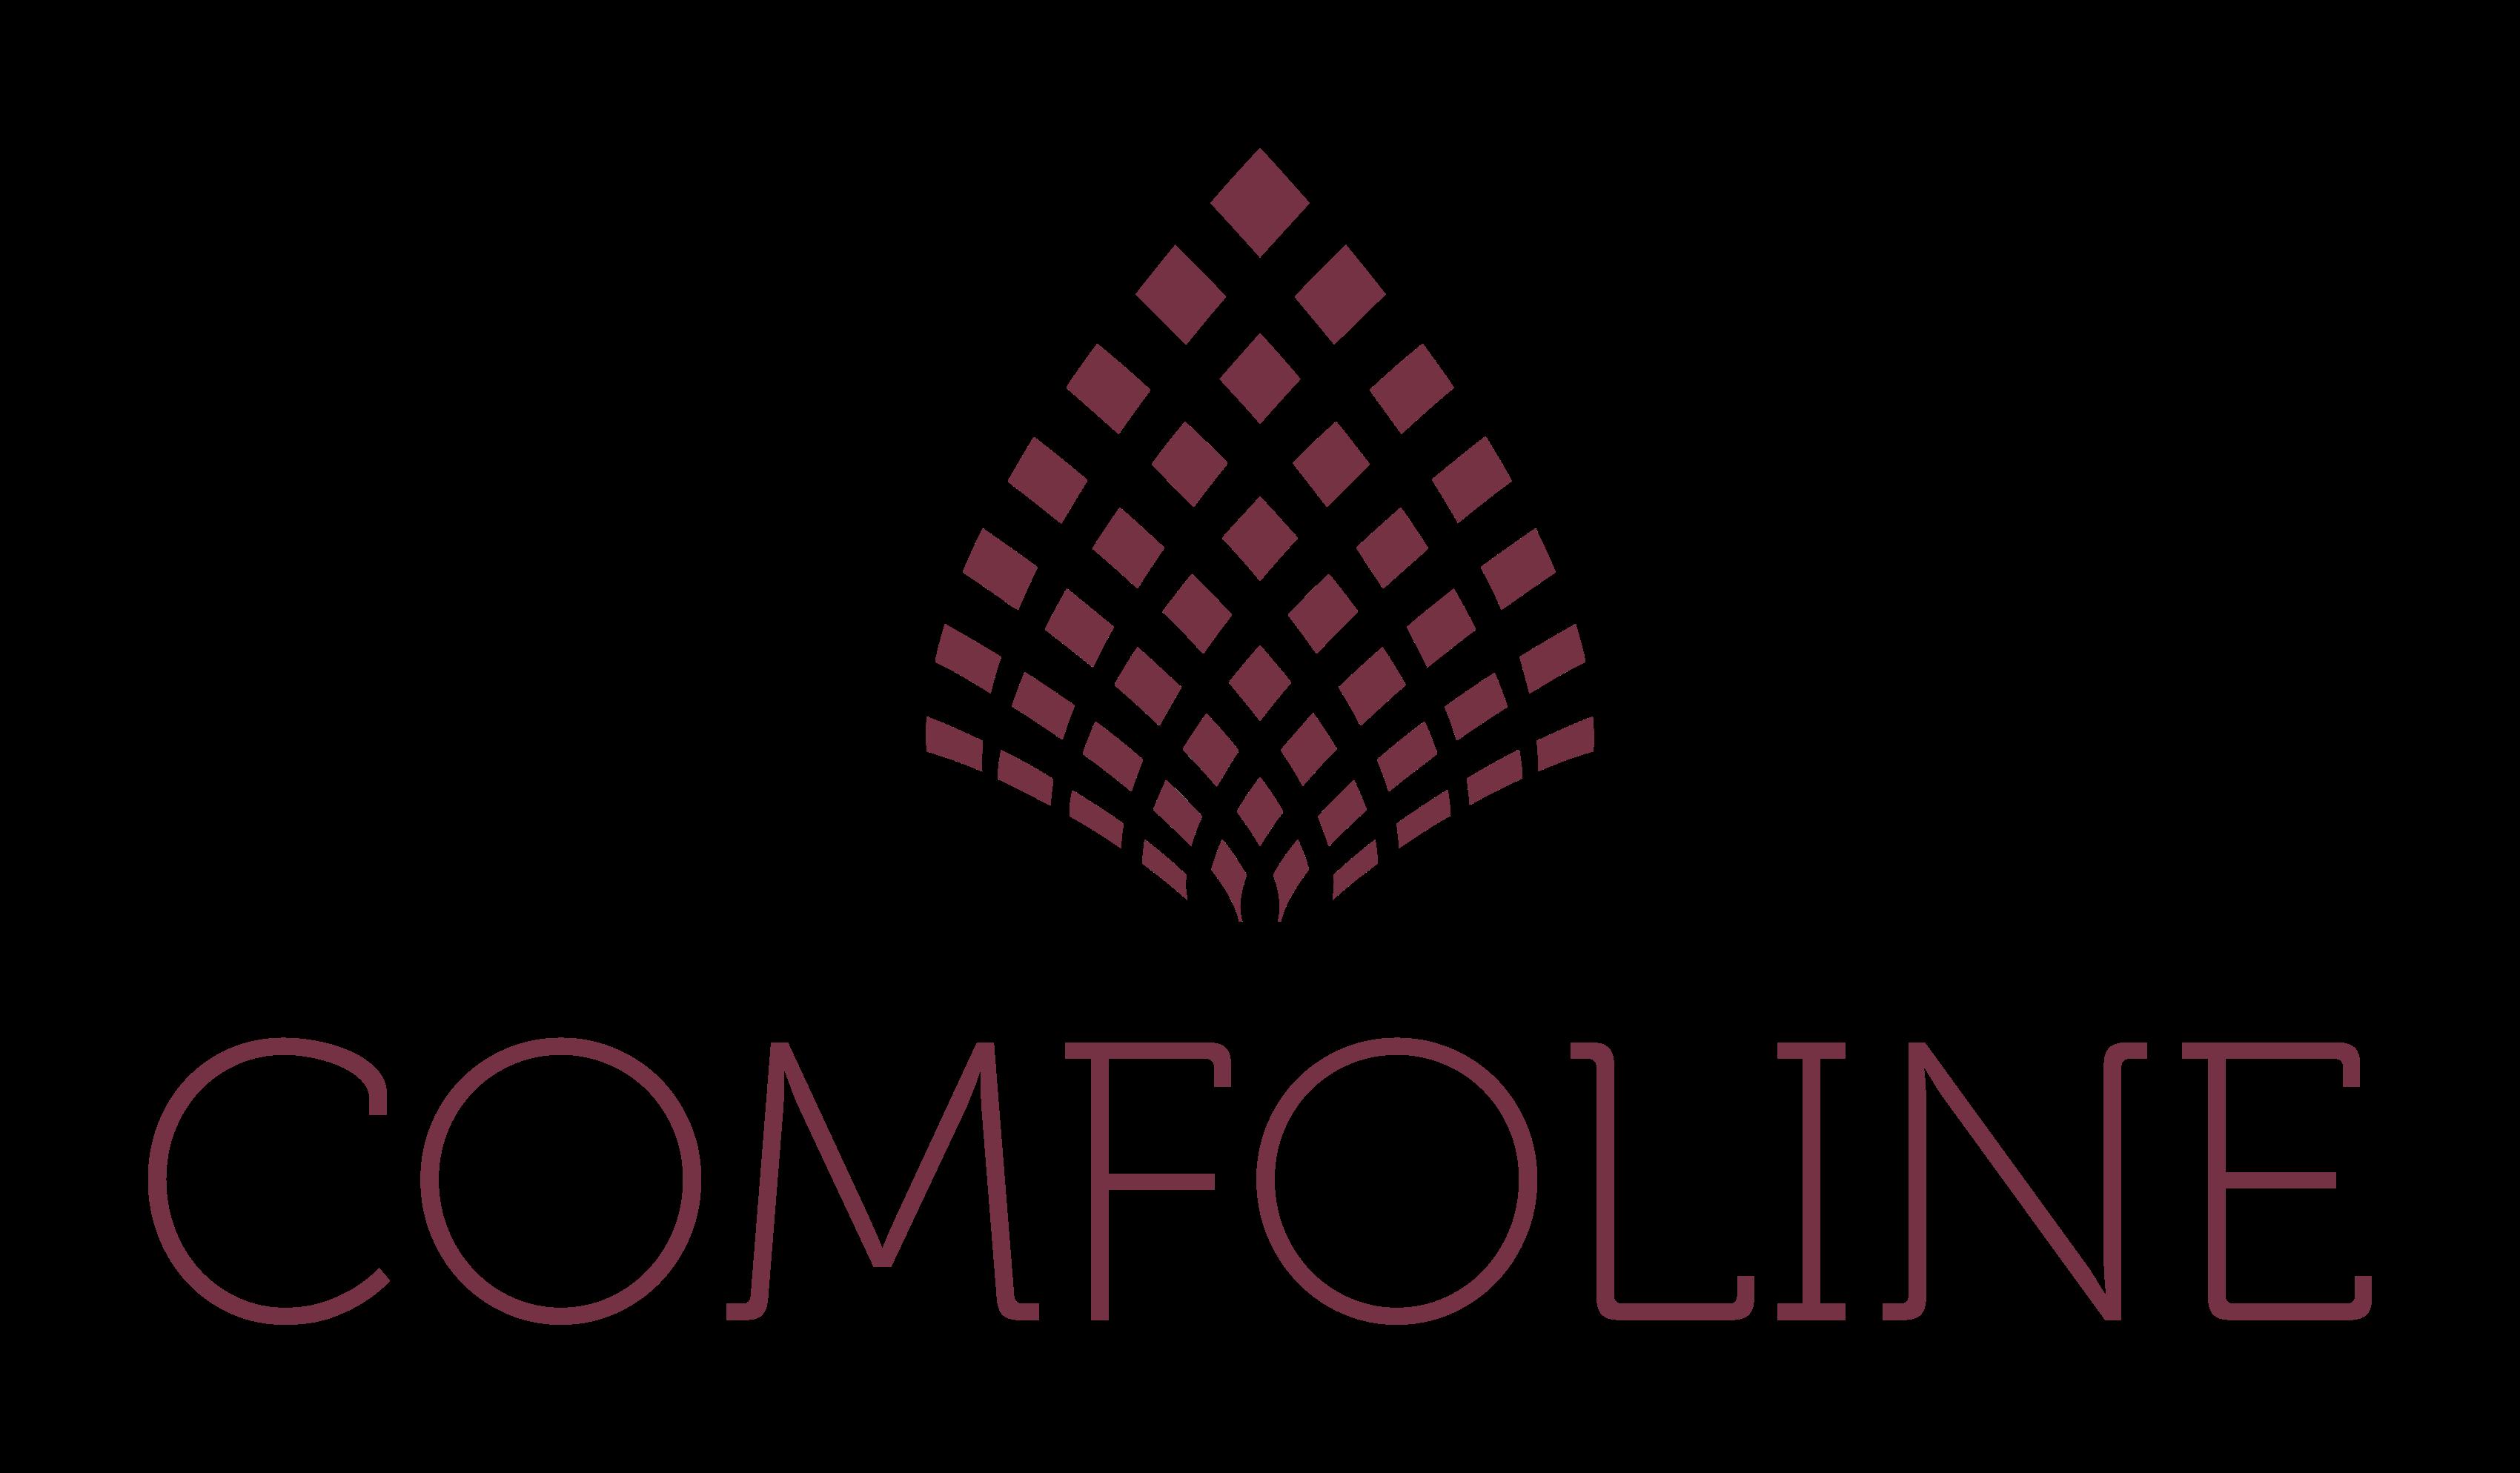 Comfoline.com